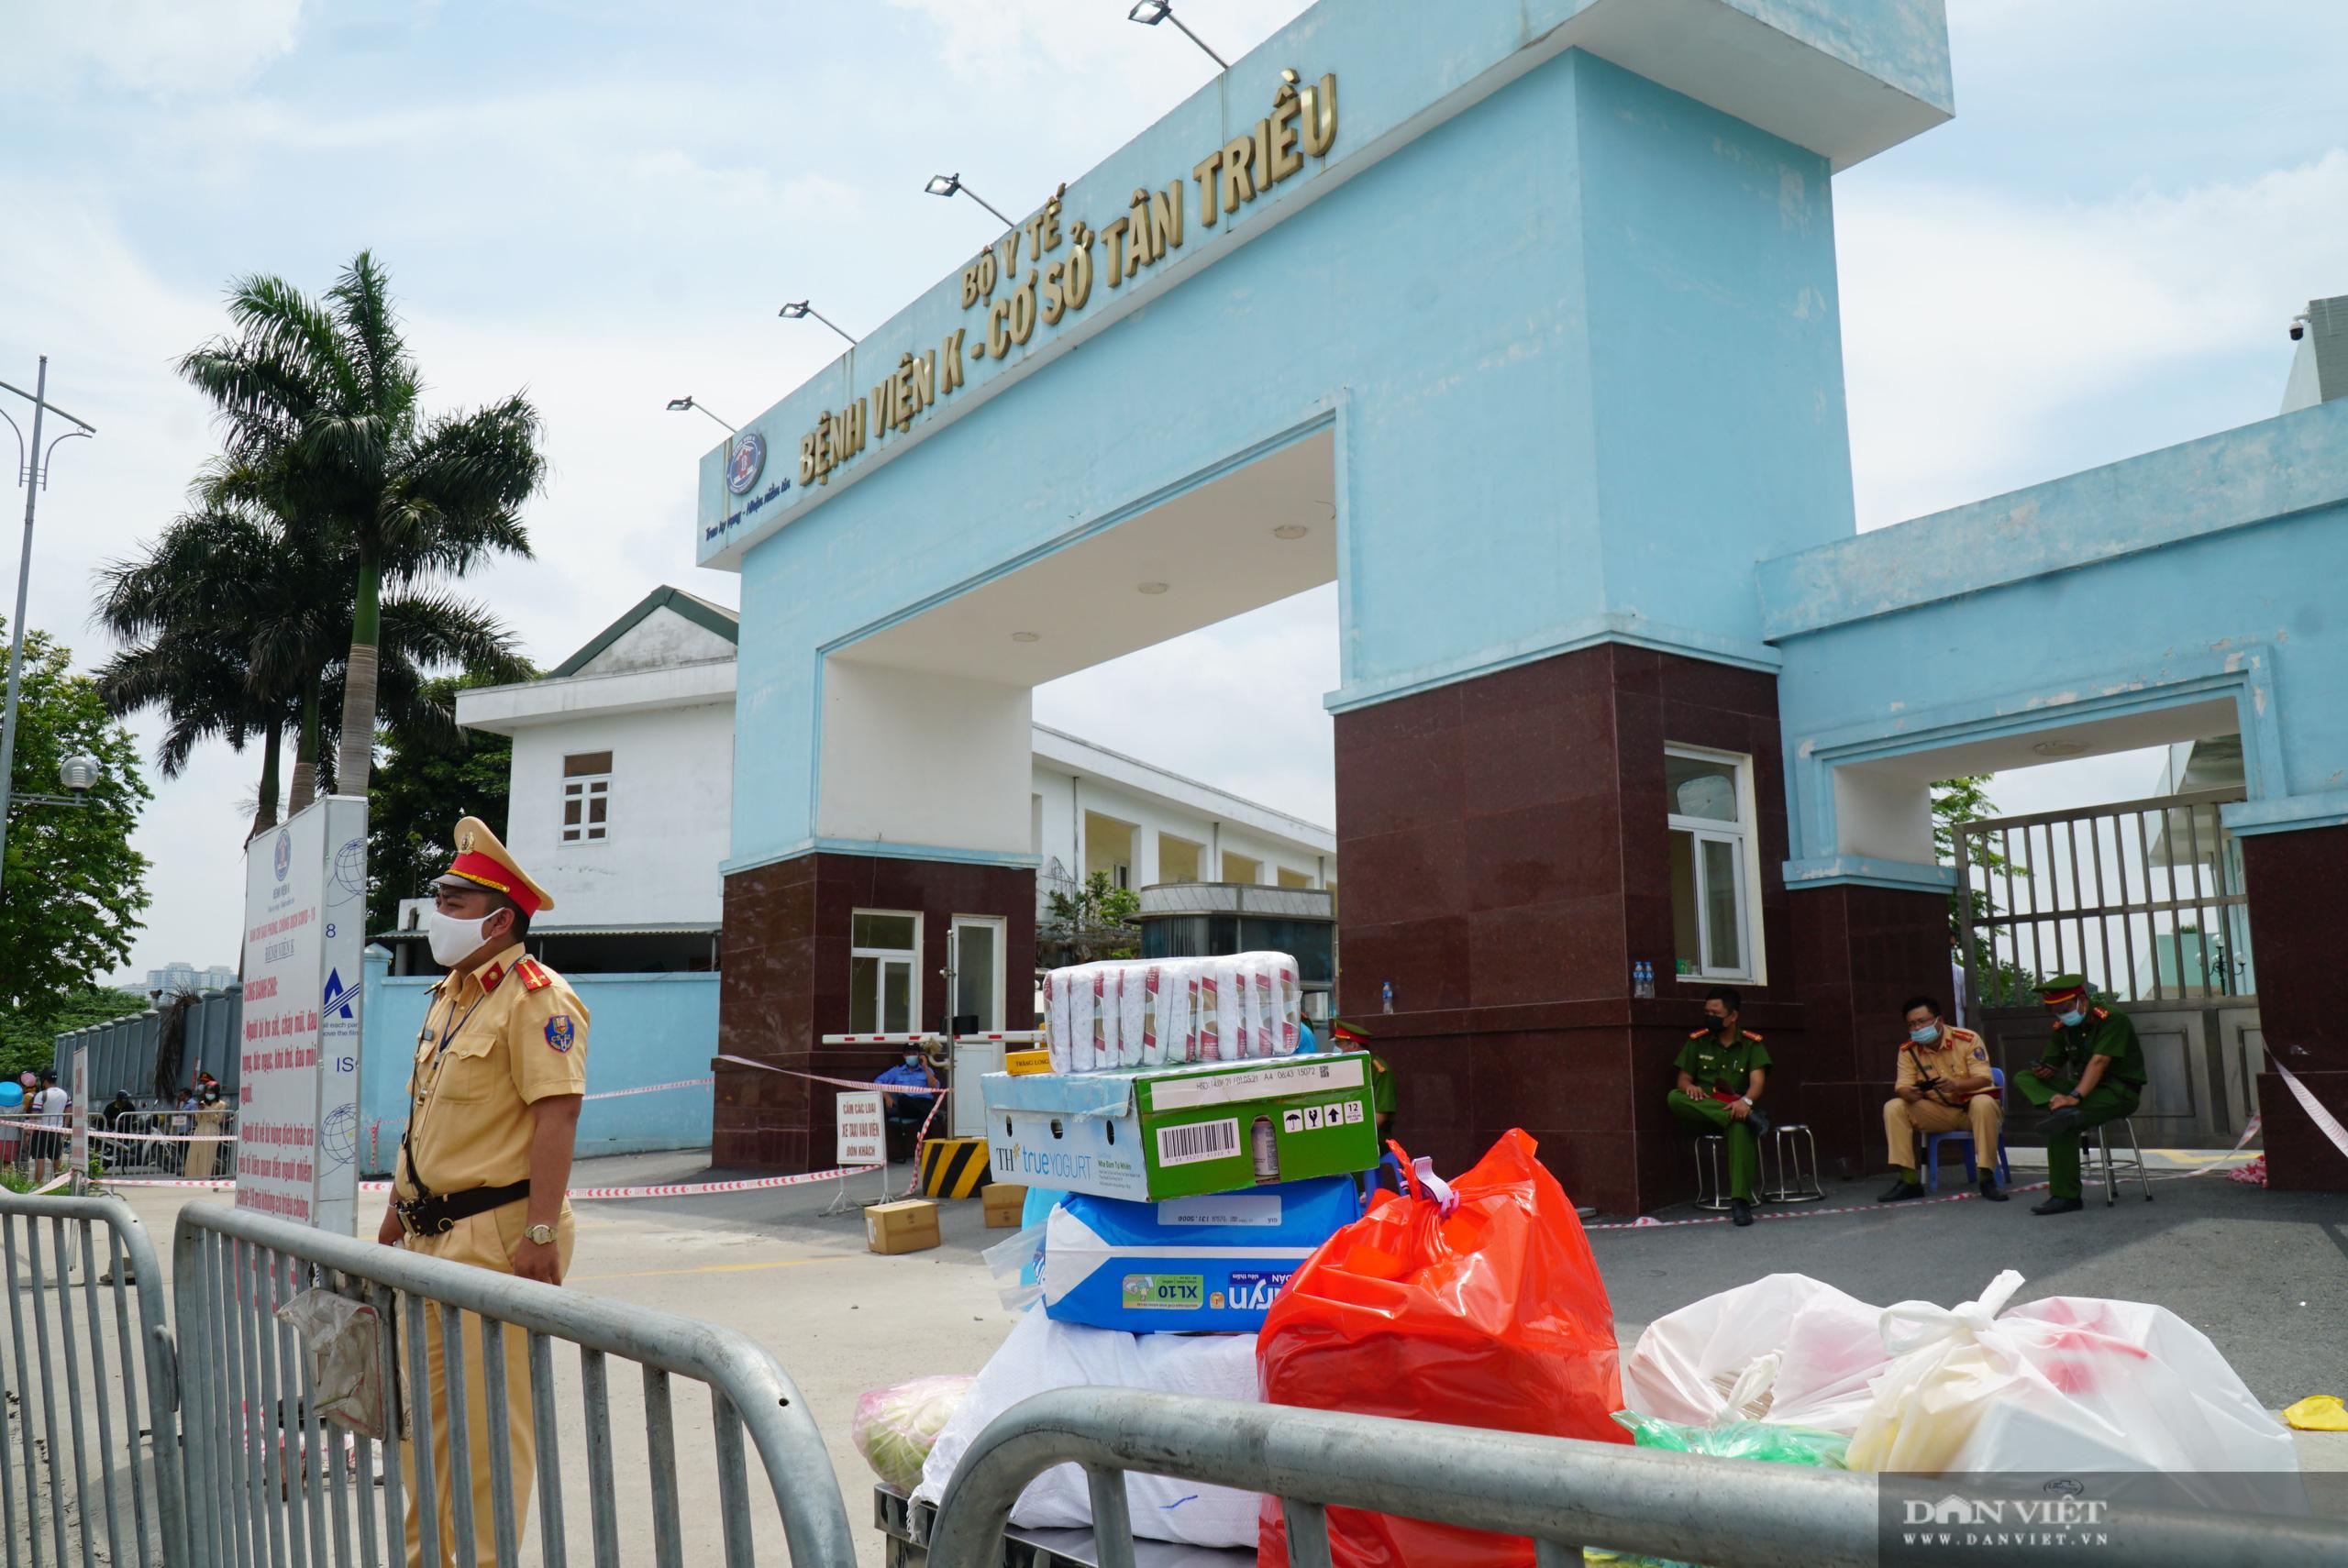 Bệnh viện K Tân Triều bị phong toả, người thân đội nắng tiếp tế đồ ăn - Ảnh 9.